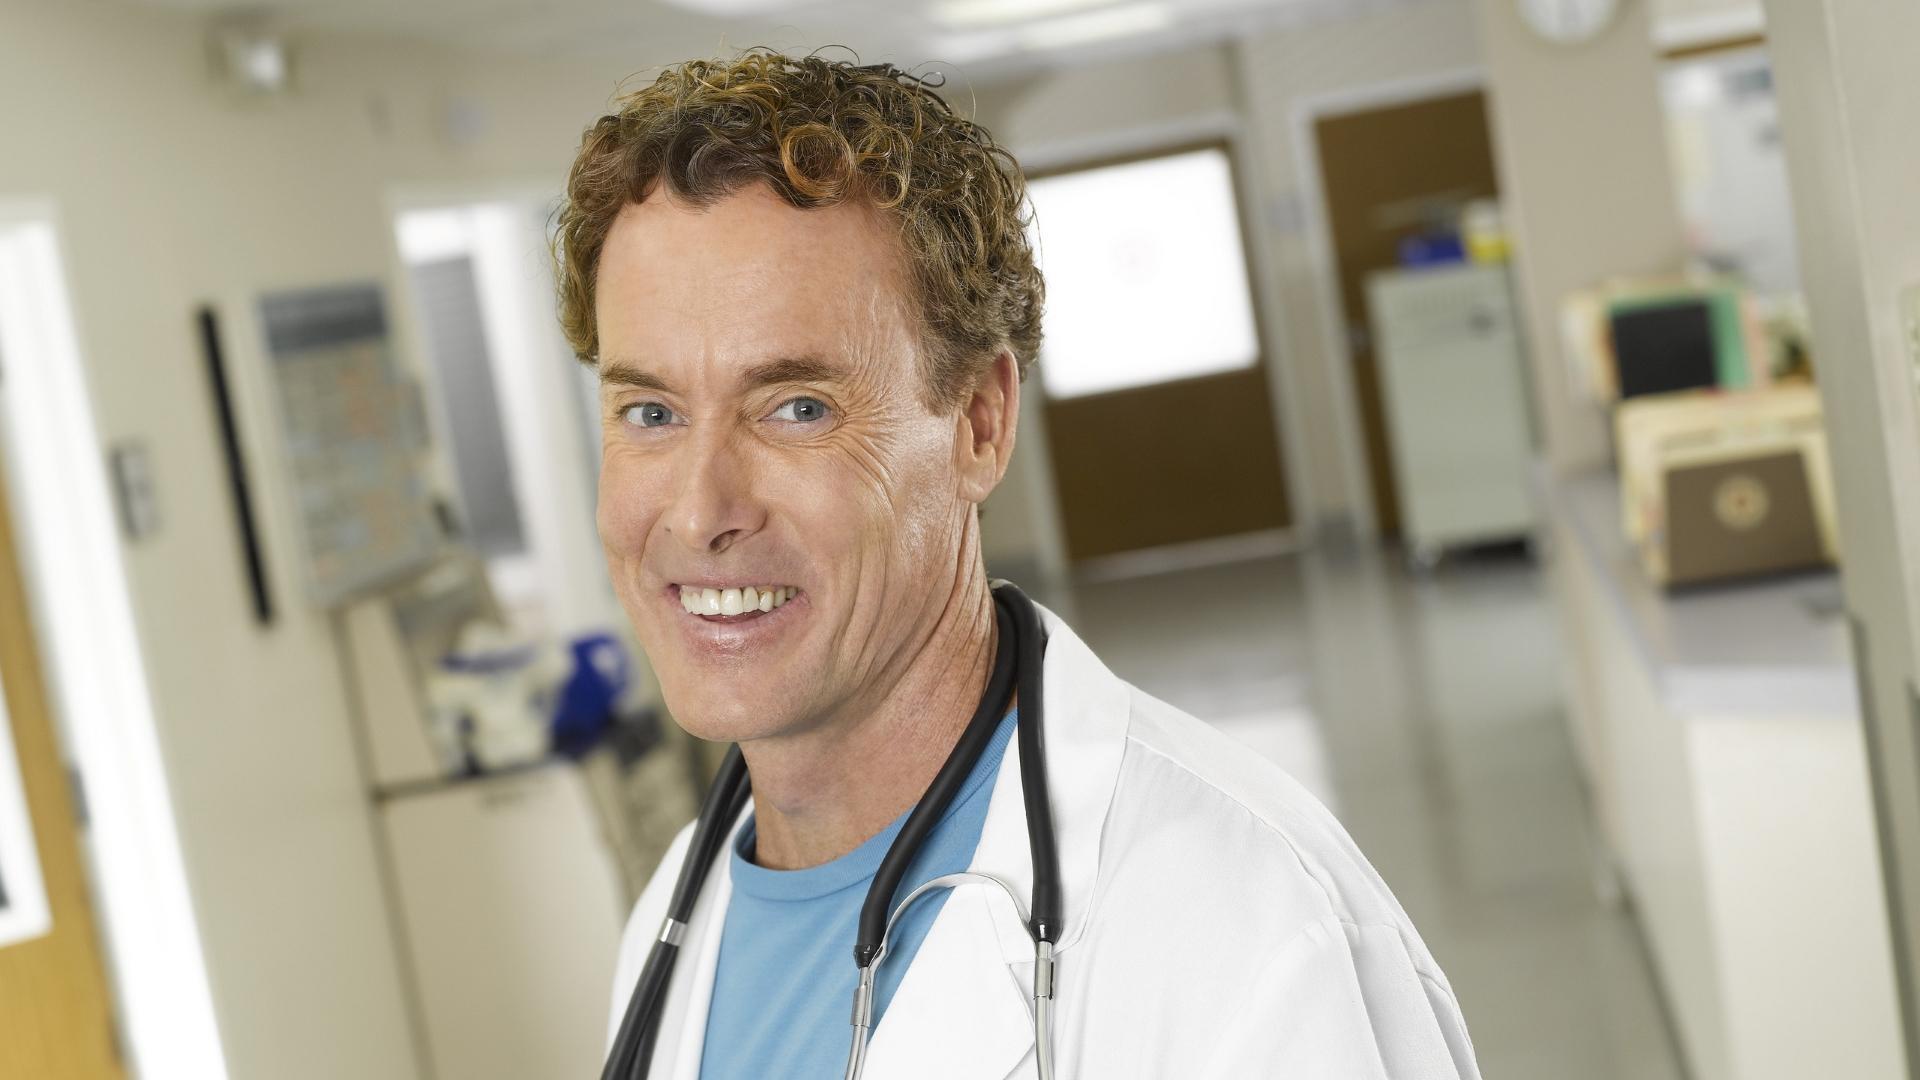 Доброжелательность доктора усилила эффект плацебо